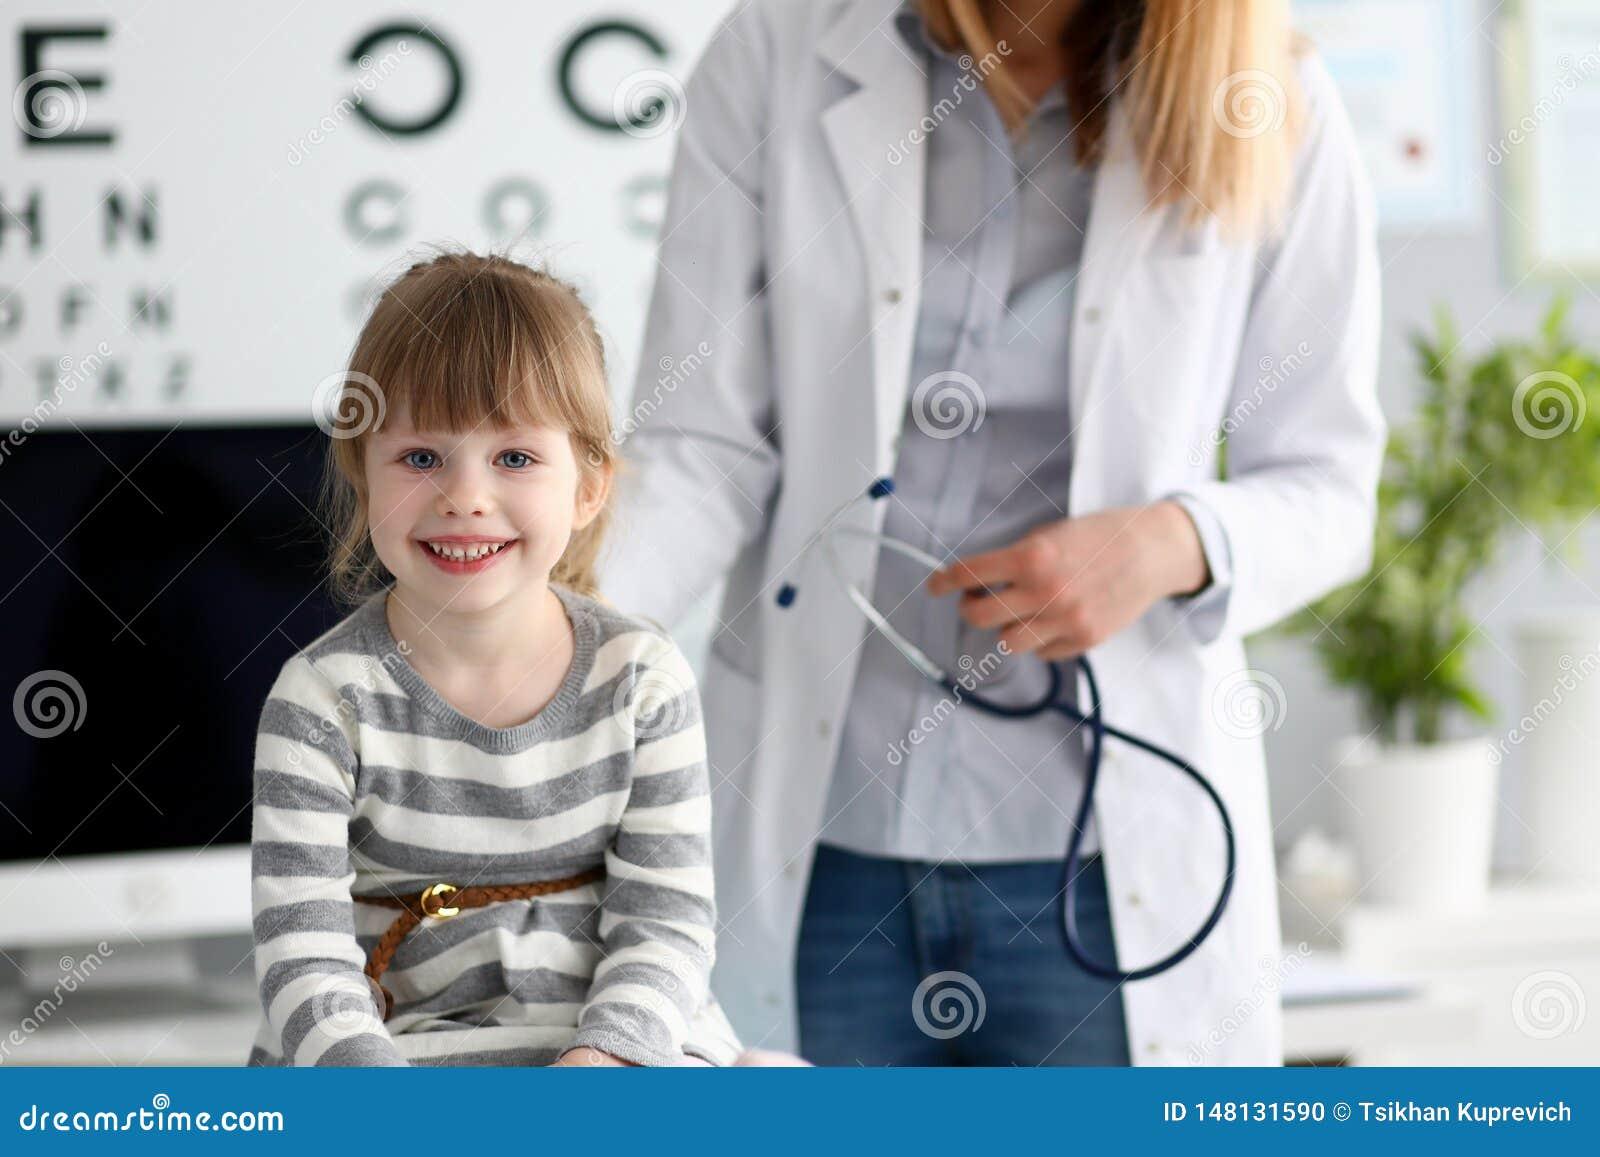 互动与女性医生的微笑的逗人喜爱的矮小的患者